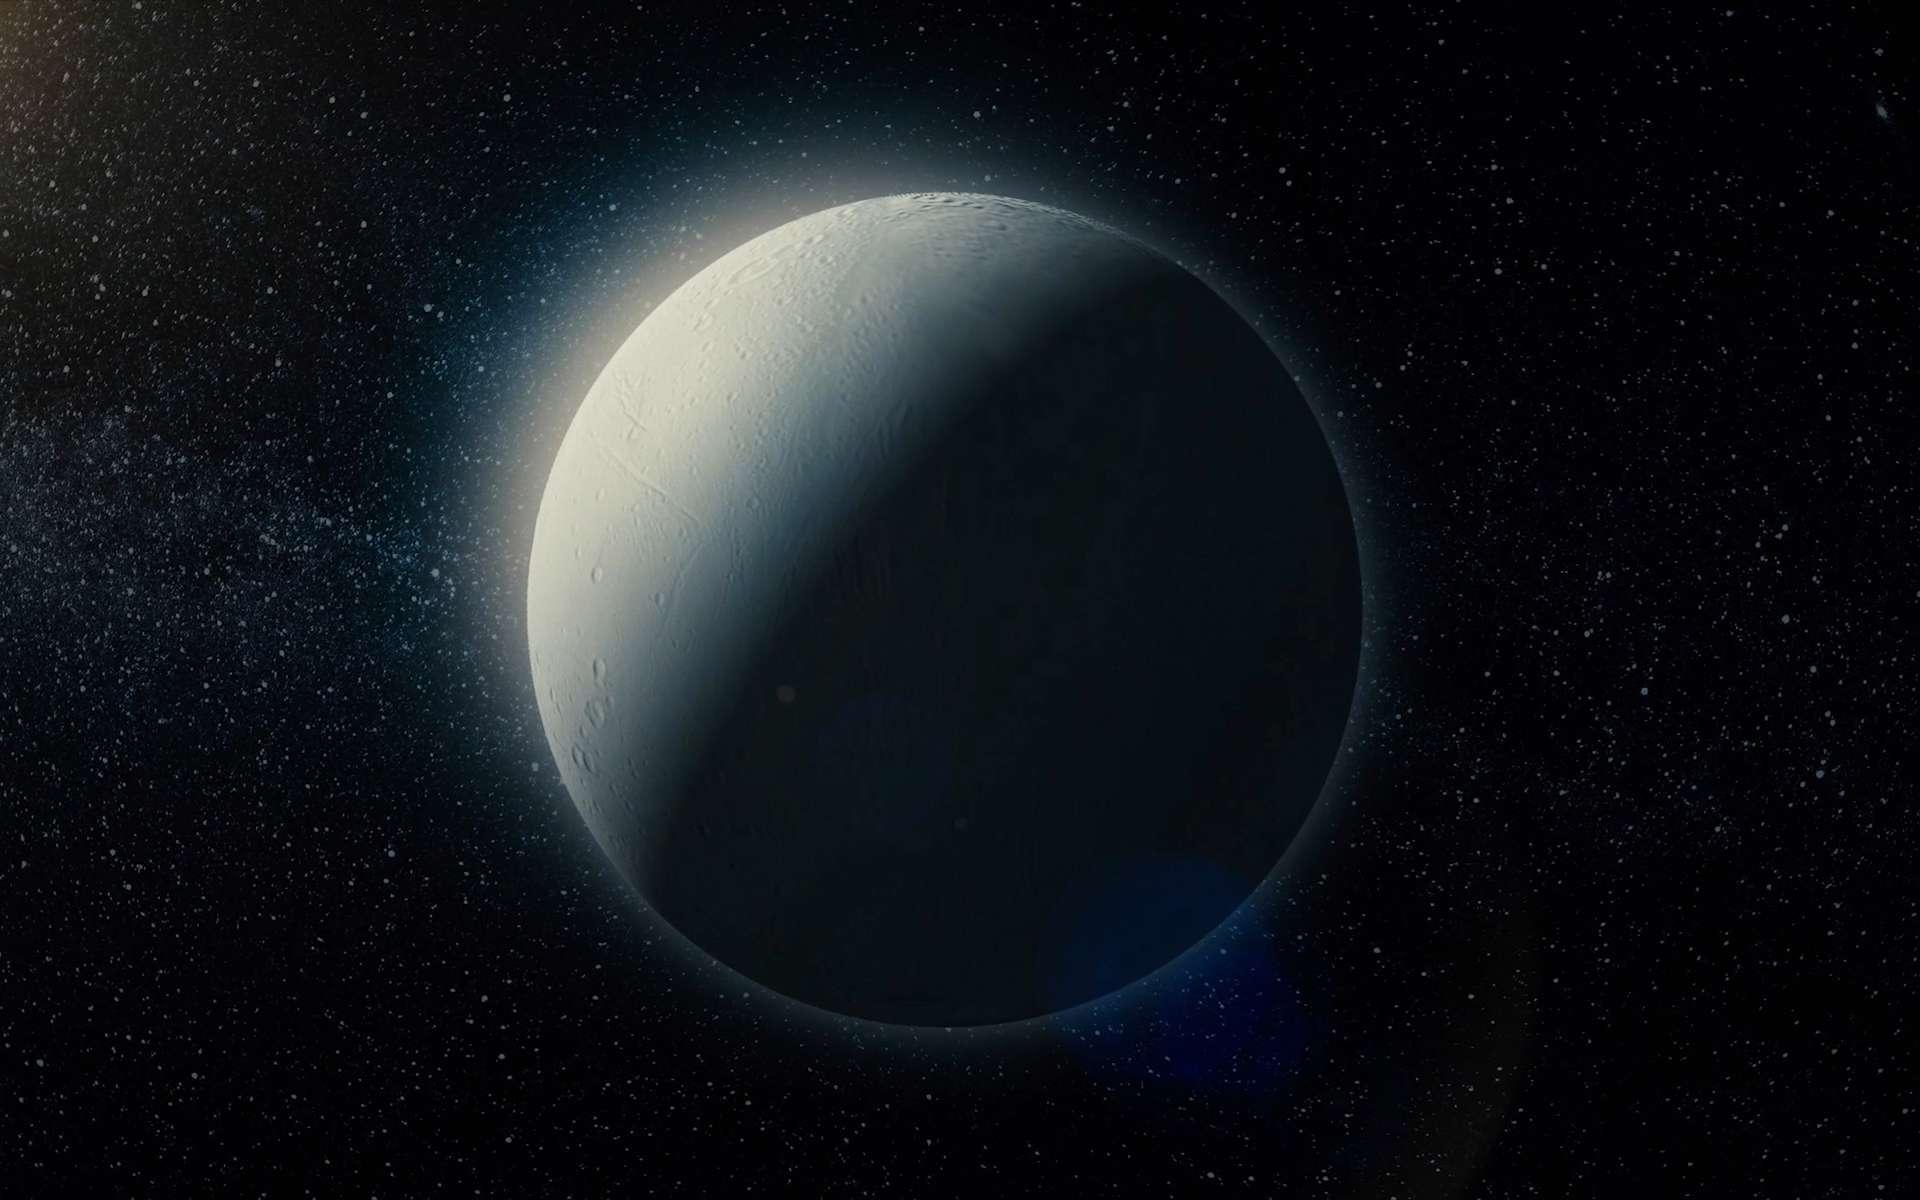 Des chercheurs affirment aujourd'hui que la quantité de méthane mesurée dans les geysers d'Encelade n'est pas explicable par les processus géochimiques connus. Elle pourrait en revanche l'être par la présence de vie dans l'océan qui couvre la lune de Saturne. © Media Whalestock, Adobe Stock